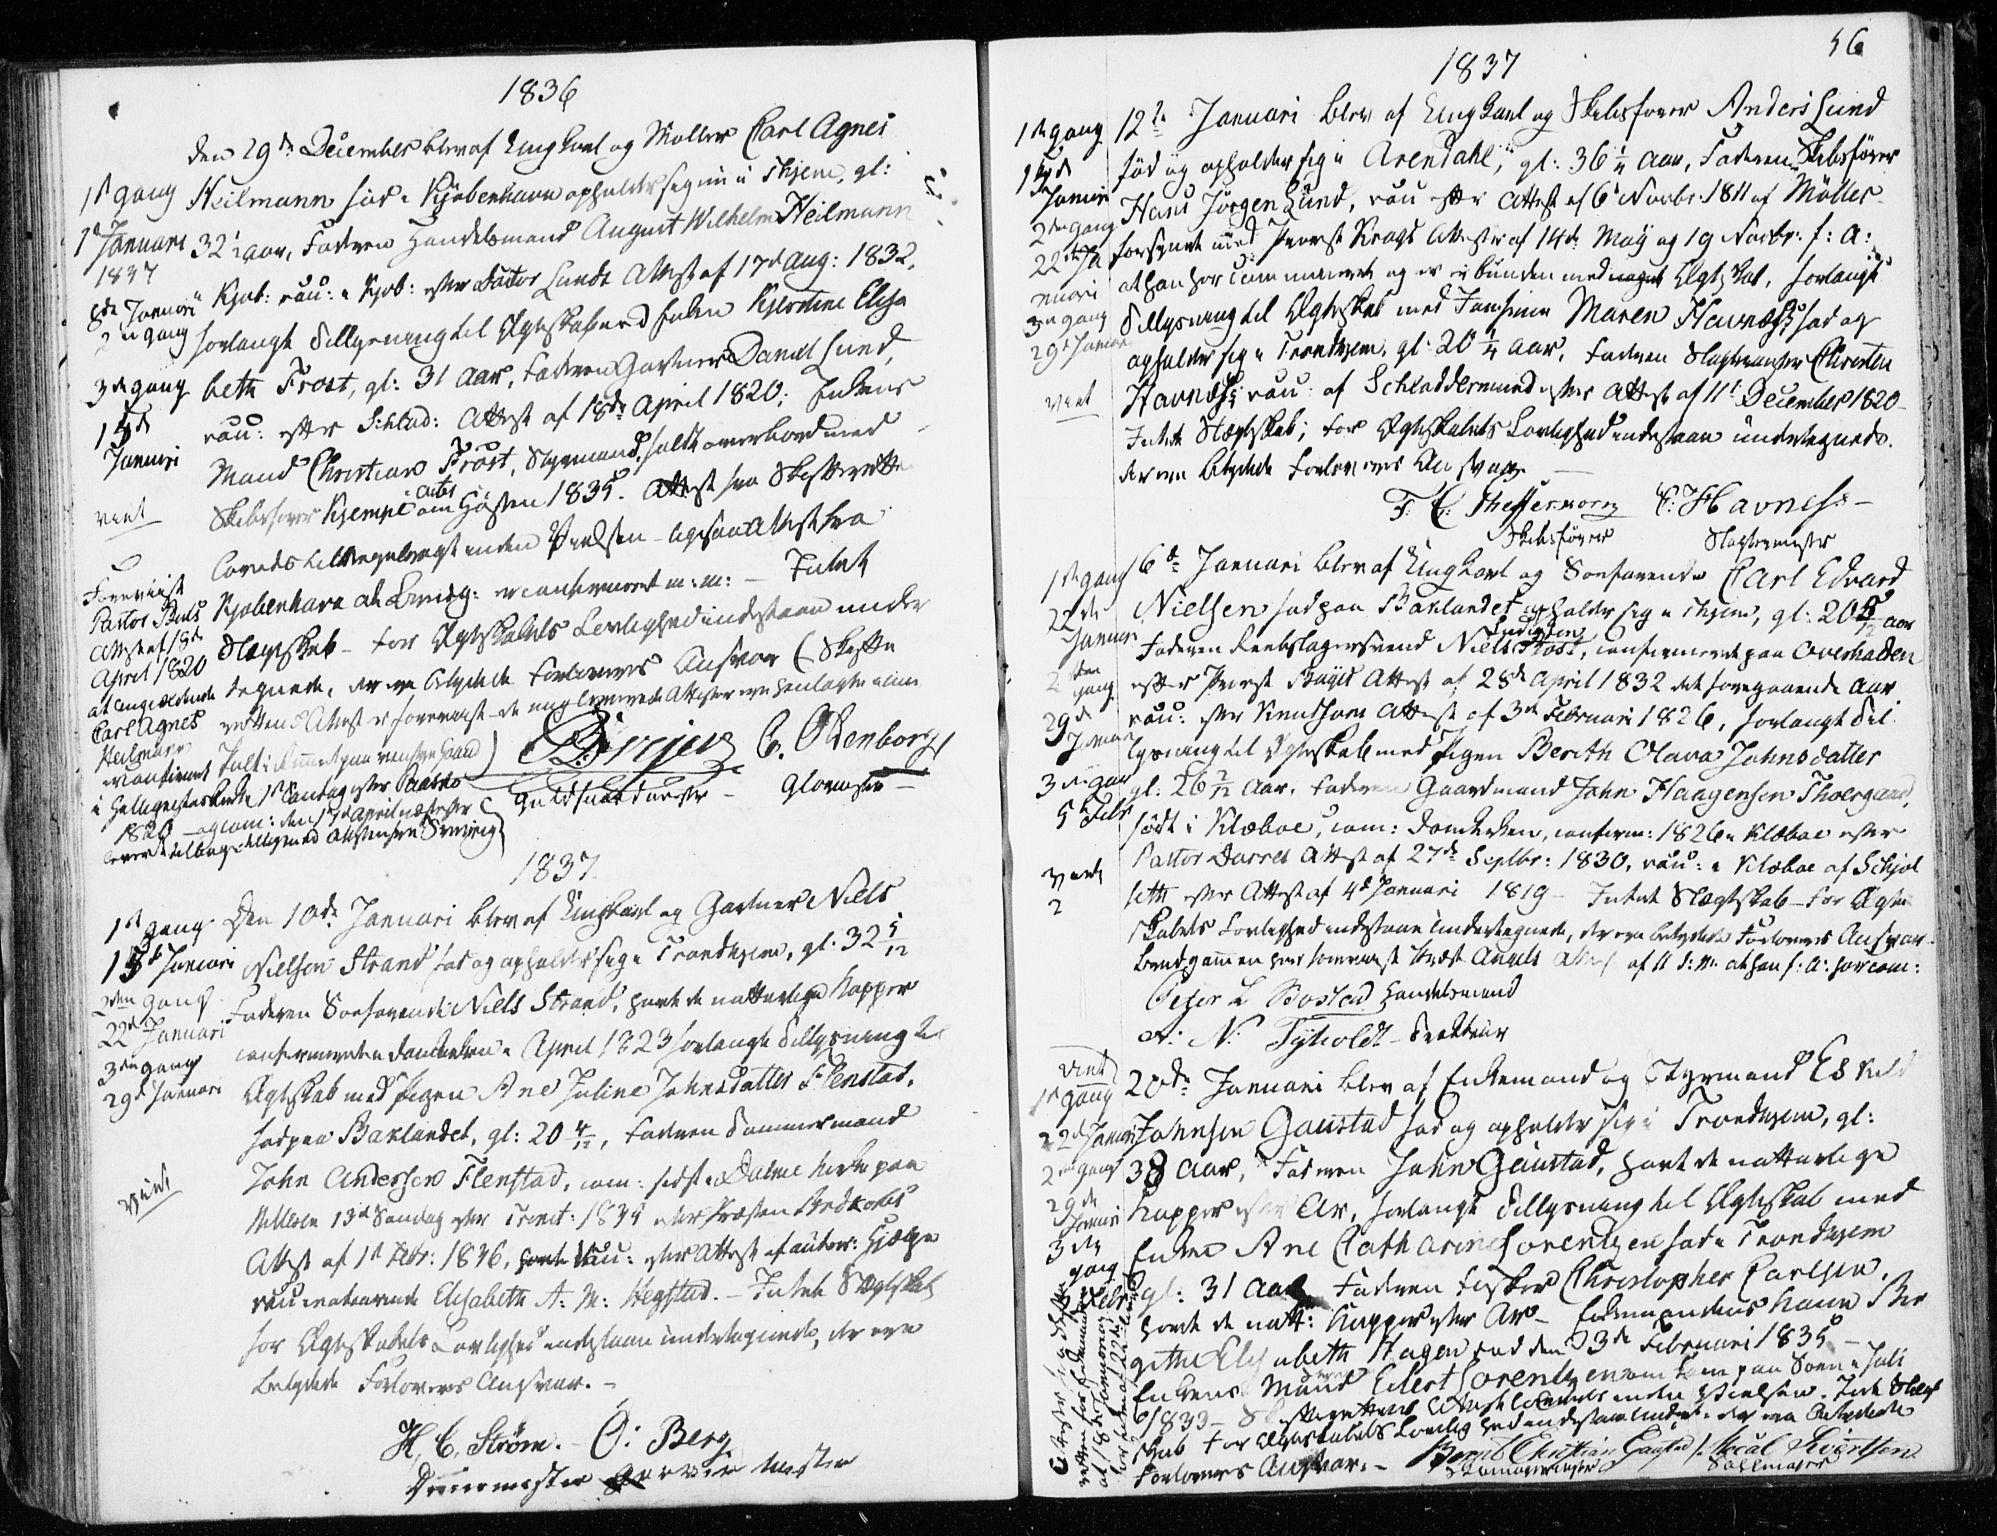 SAT, Ministerialprotokoller, klokkerbøker og fødselsregistre - Sør-Trøndelag, 601/L0046: Ministerialbok nr. 601A14, 1830-1841, s. 56